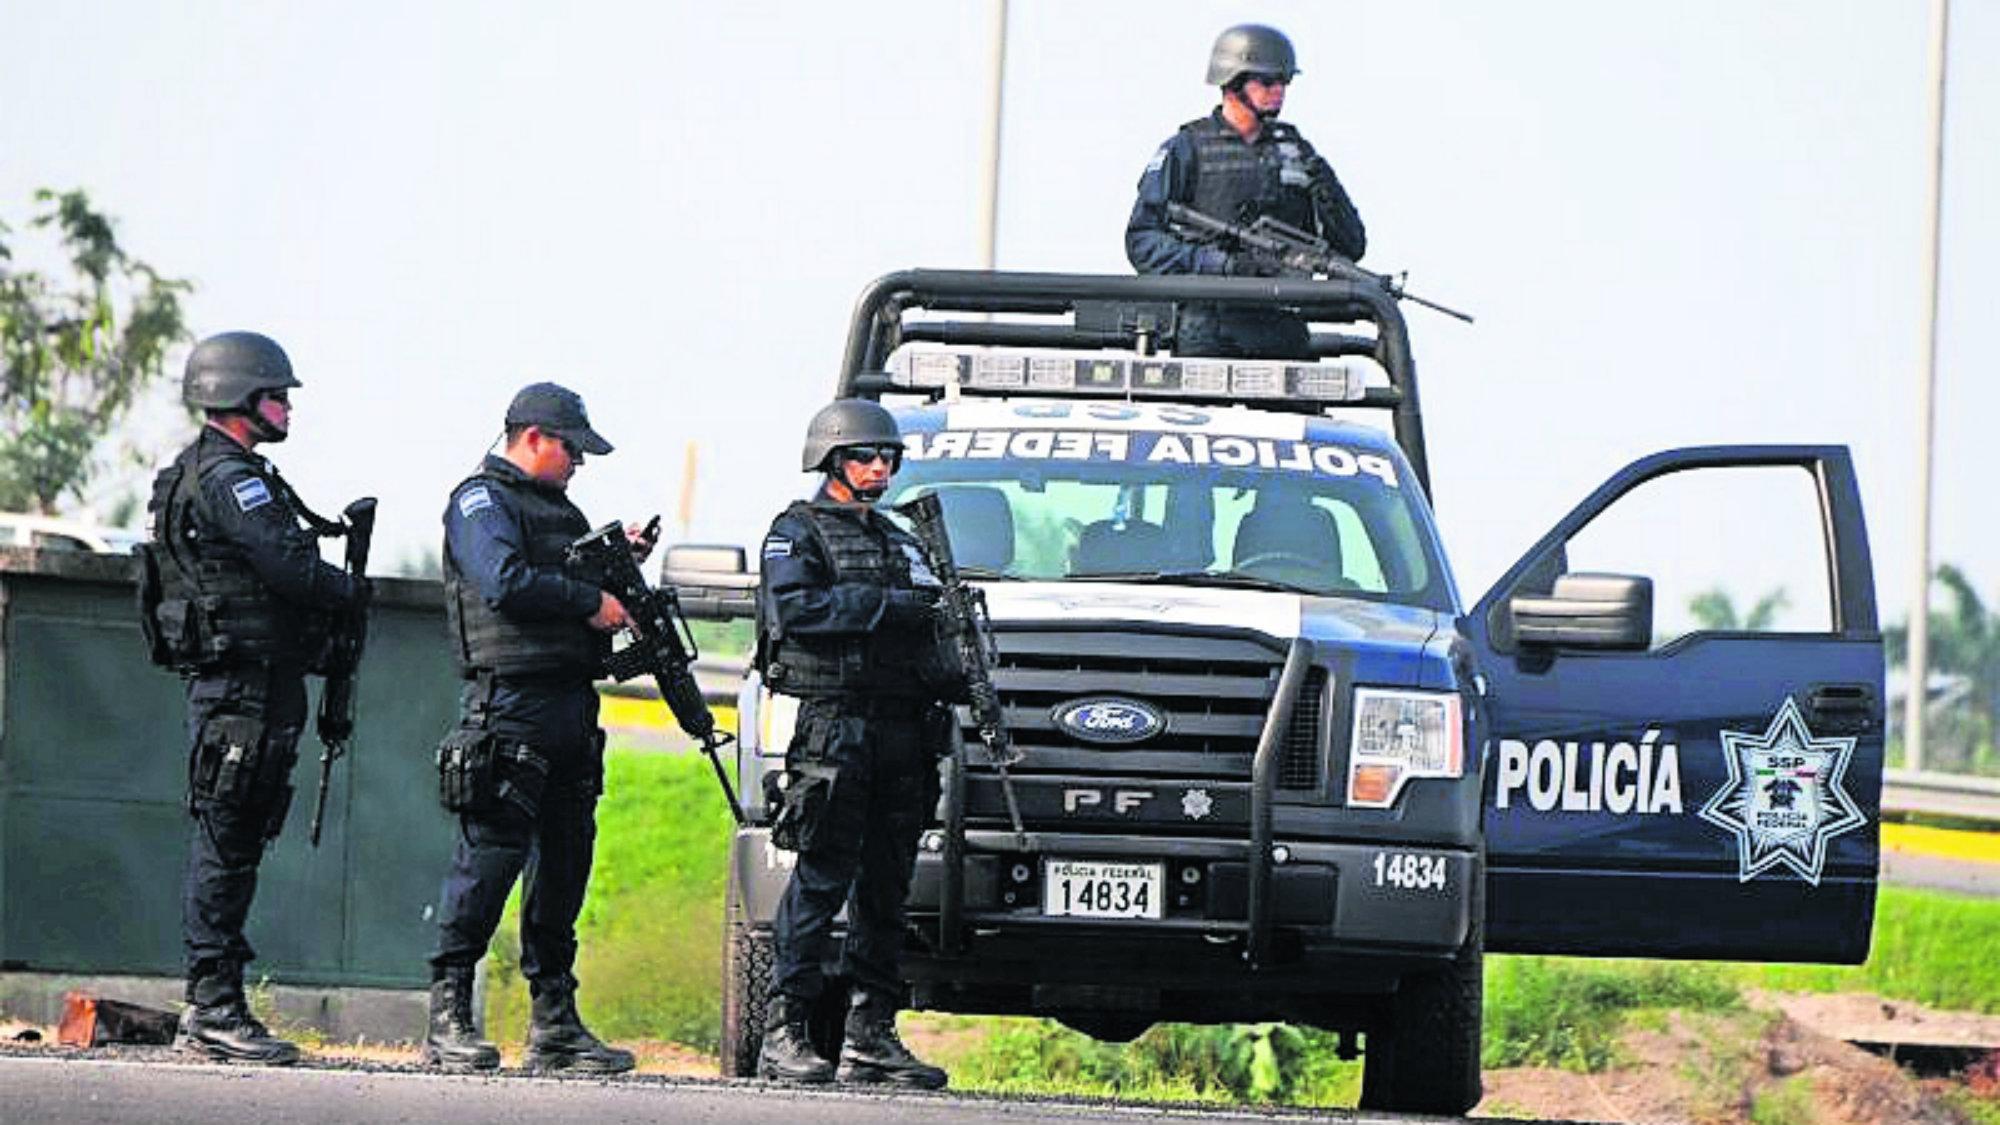 Cuauhtémoc Blanco Refuerzan Seguridad Elementos policíacos Morelos